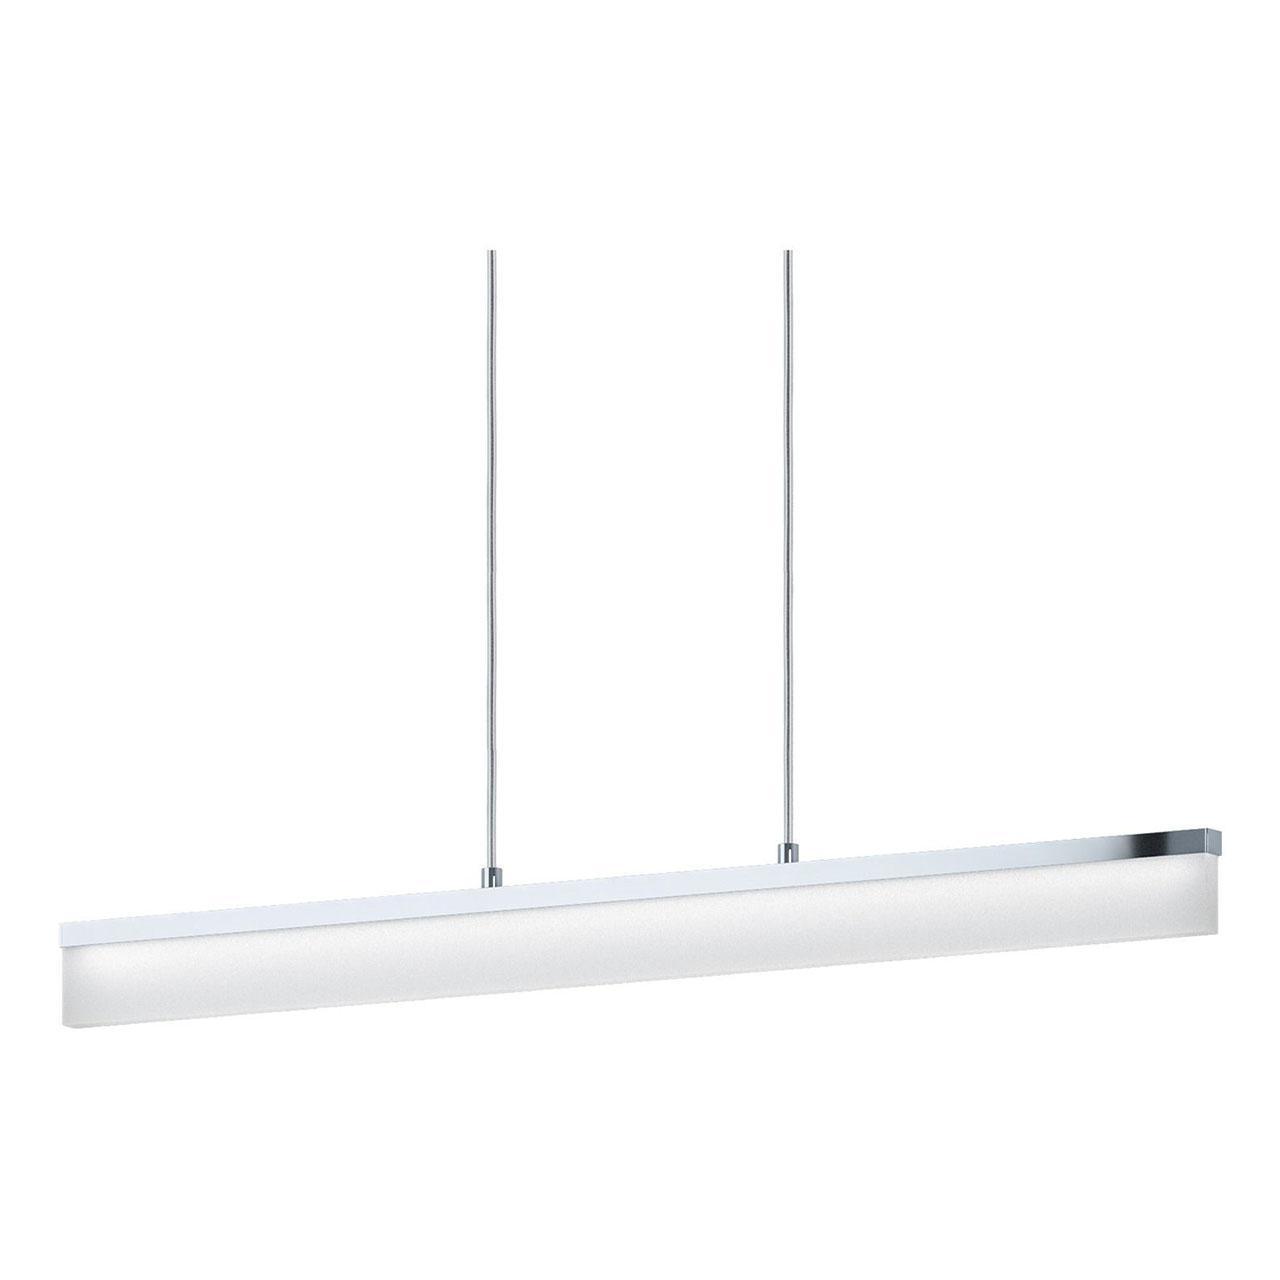 Подвесной светодиодный светильник Eglo Tarandell 96866 eglo 96866